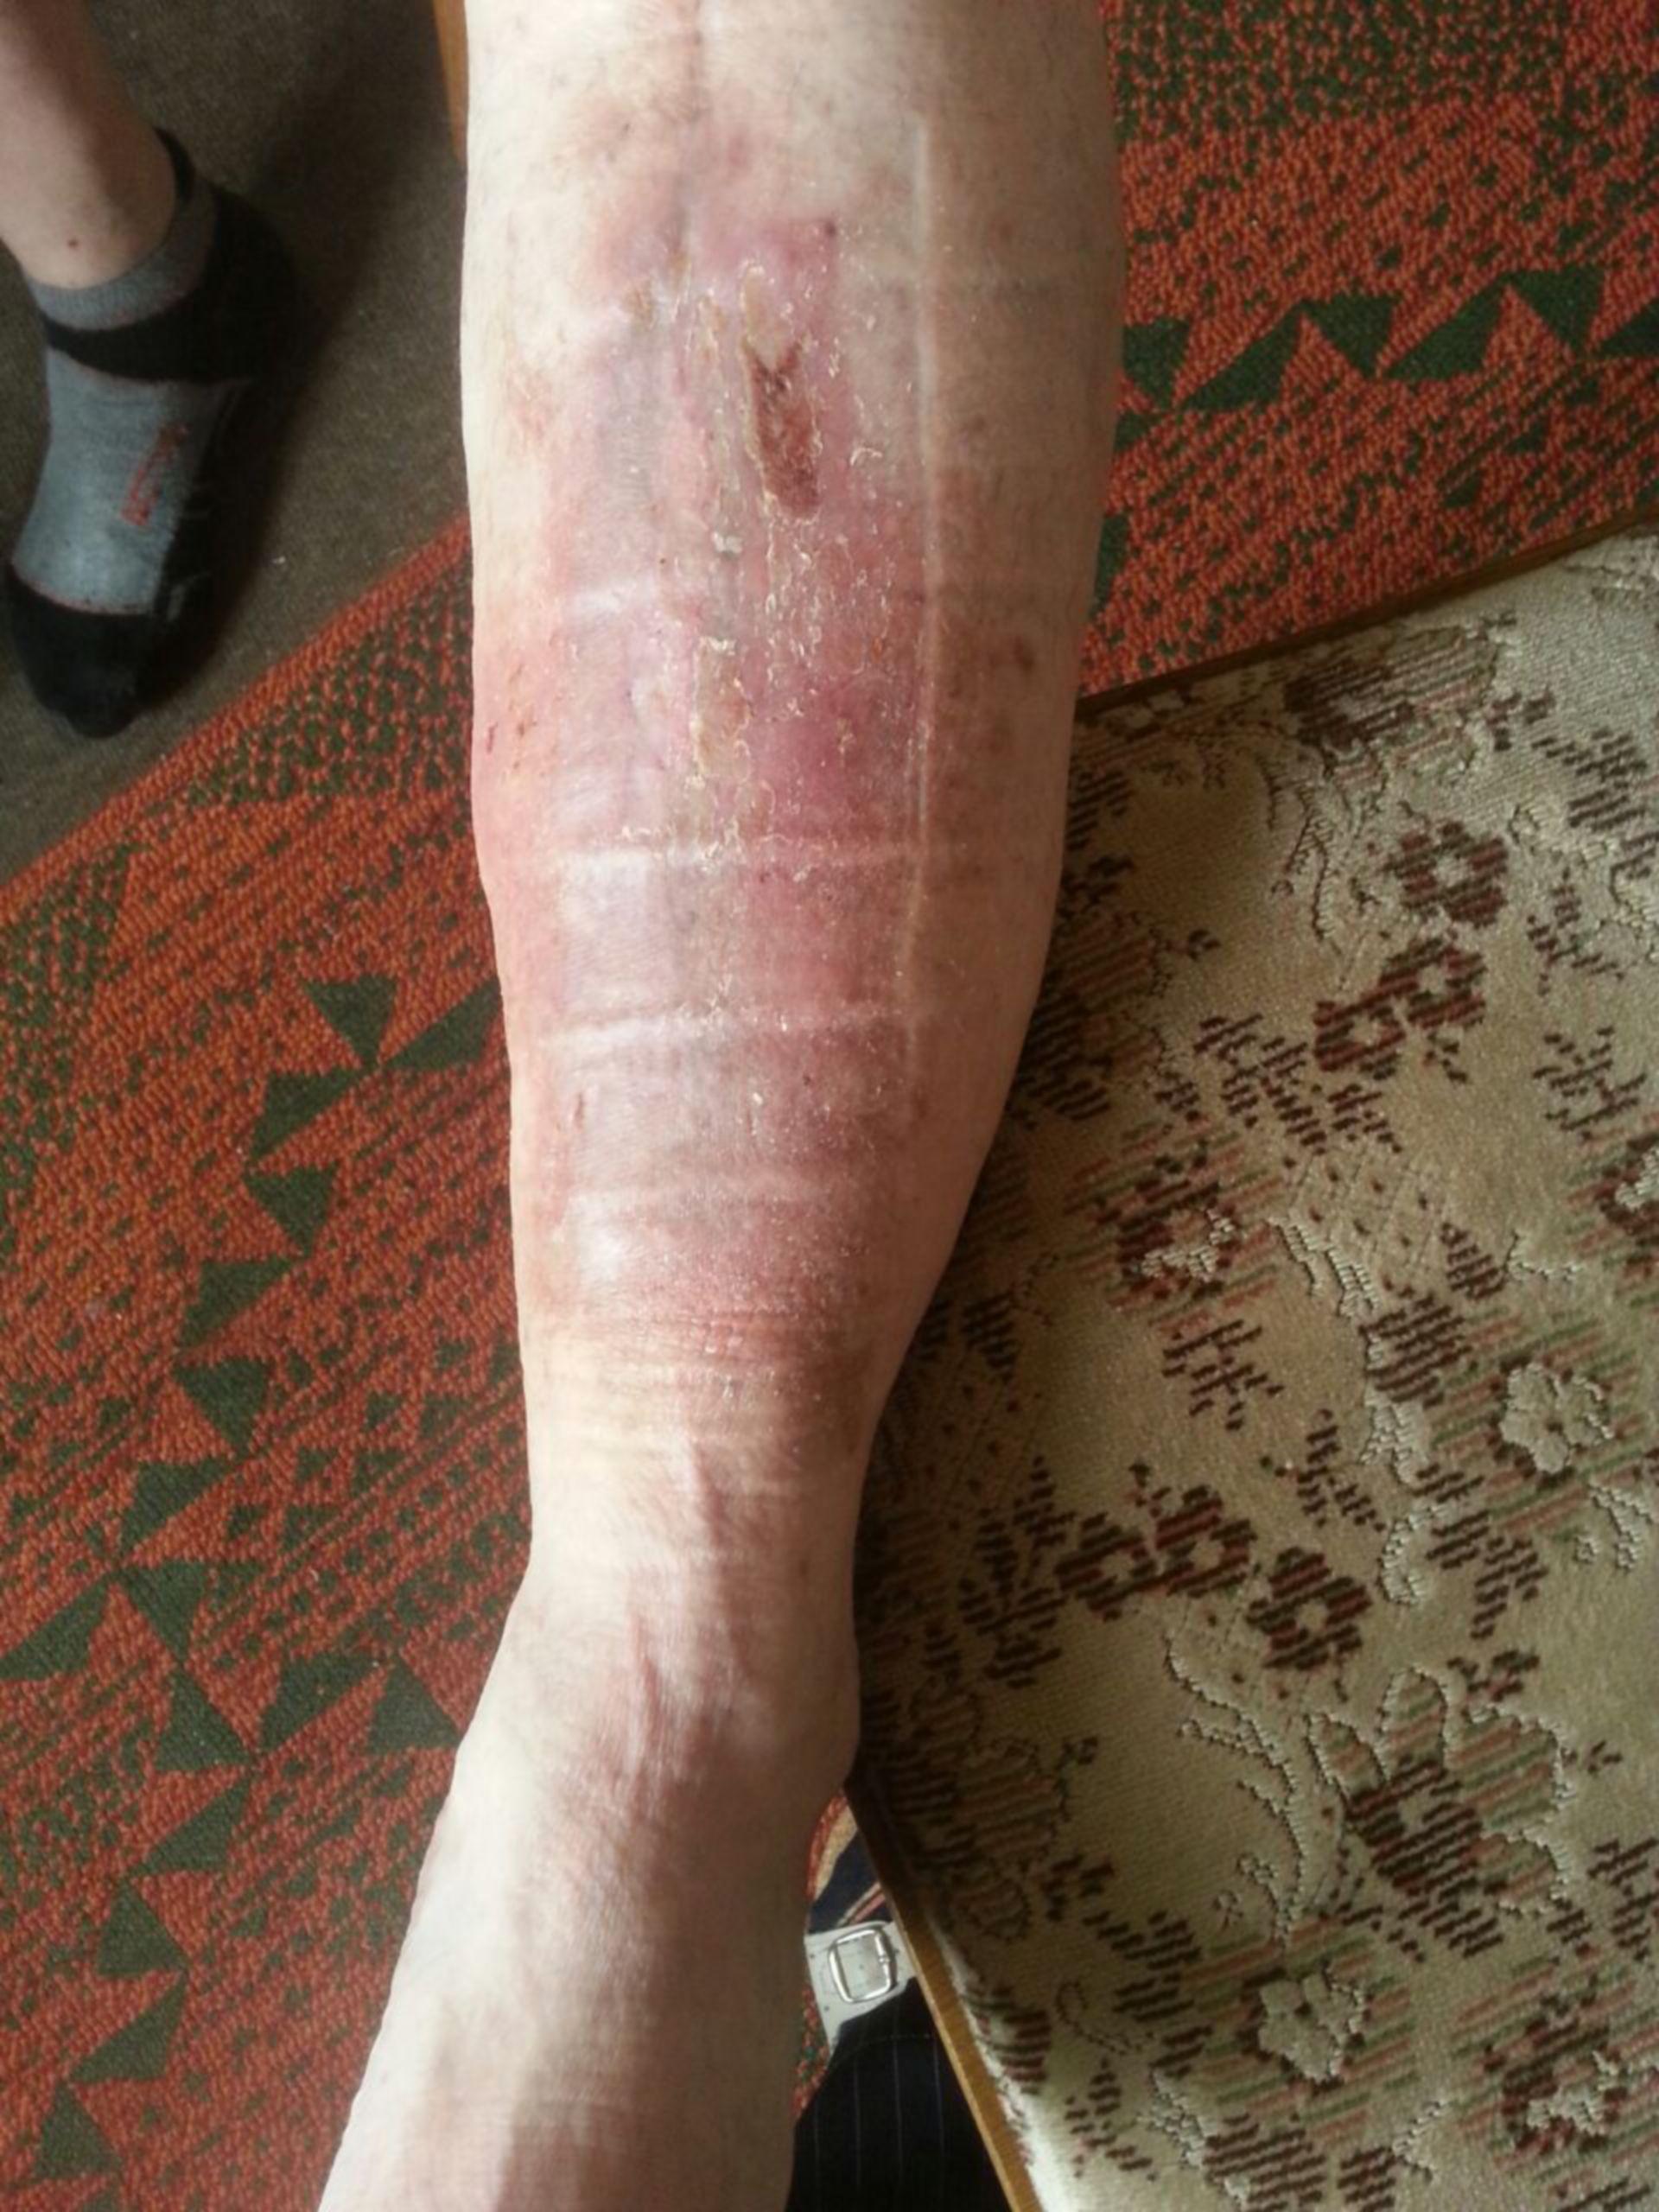 Úlcera de la pierna -20 años abierta: resultado ambulatorio (21)